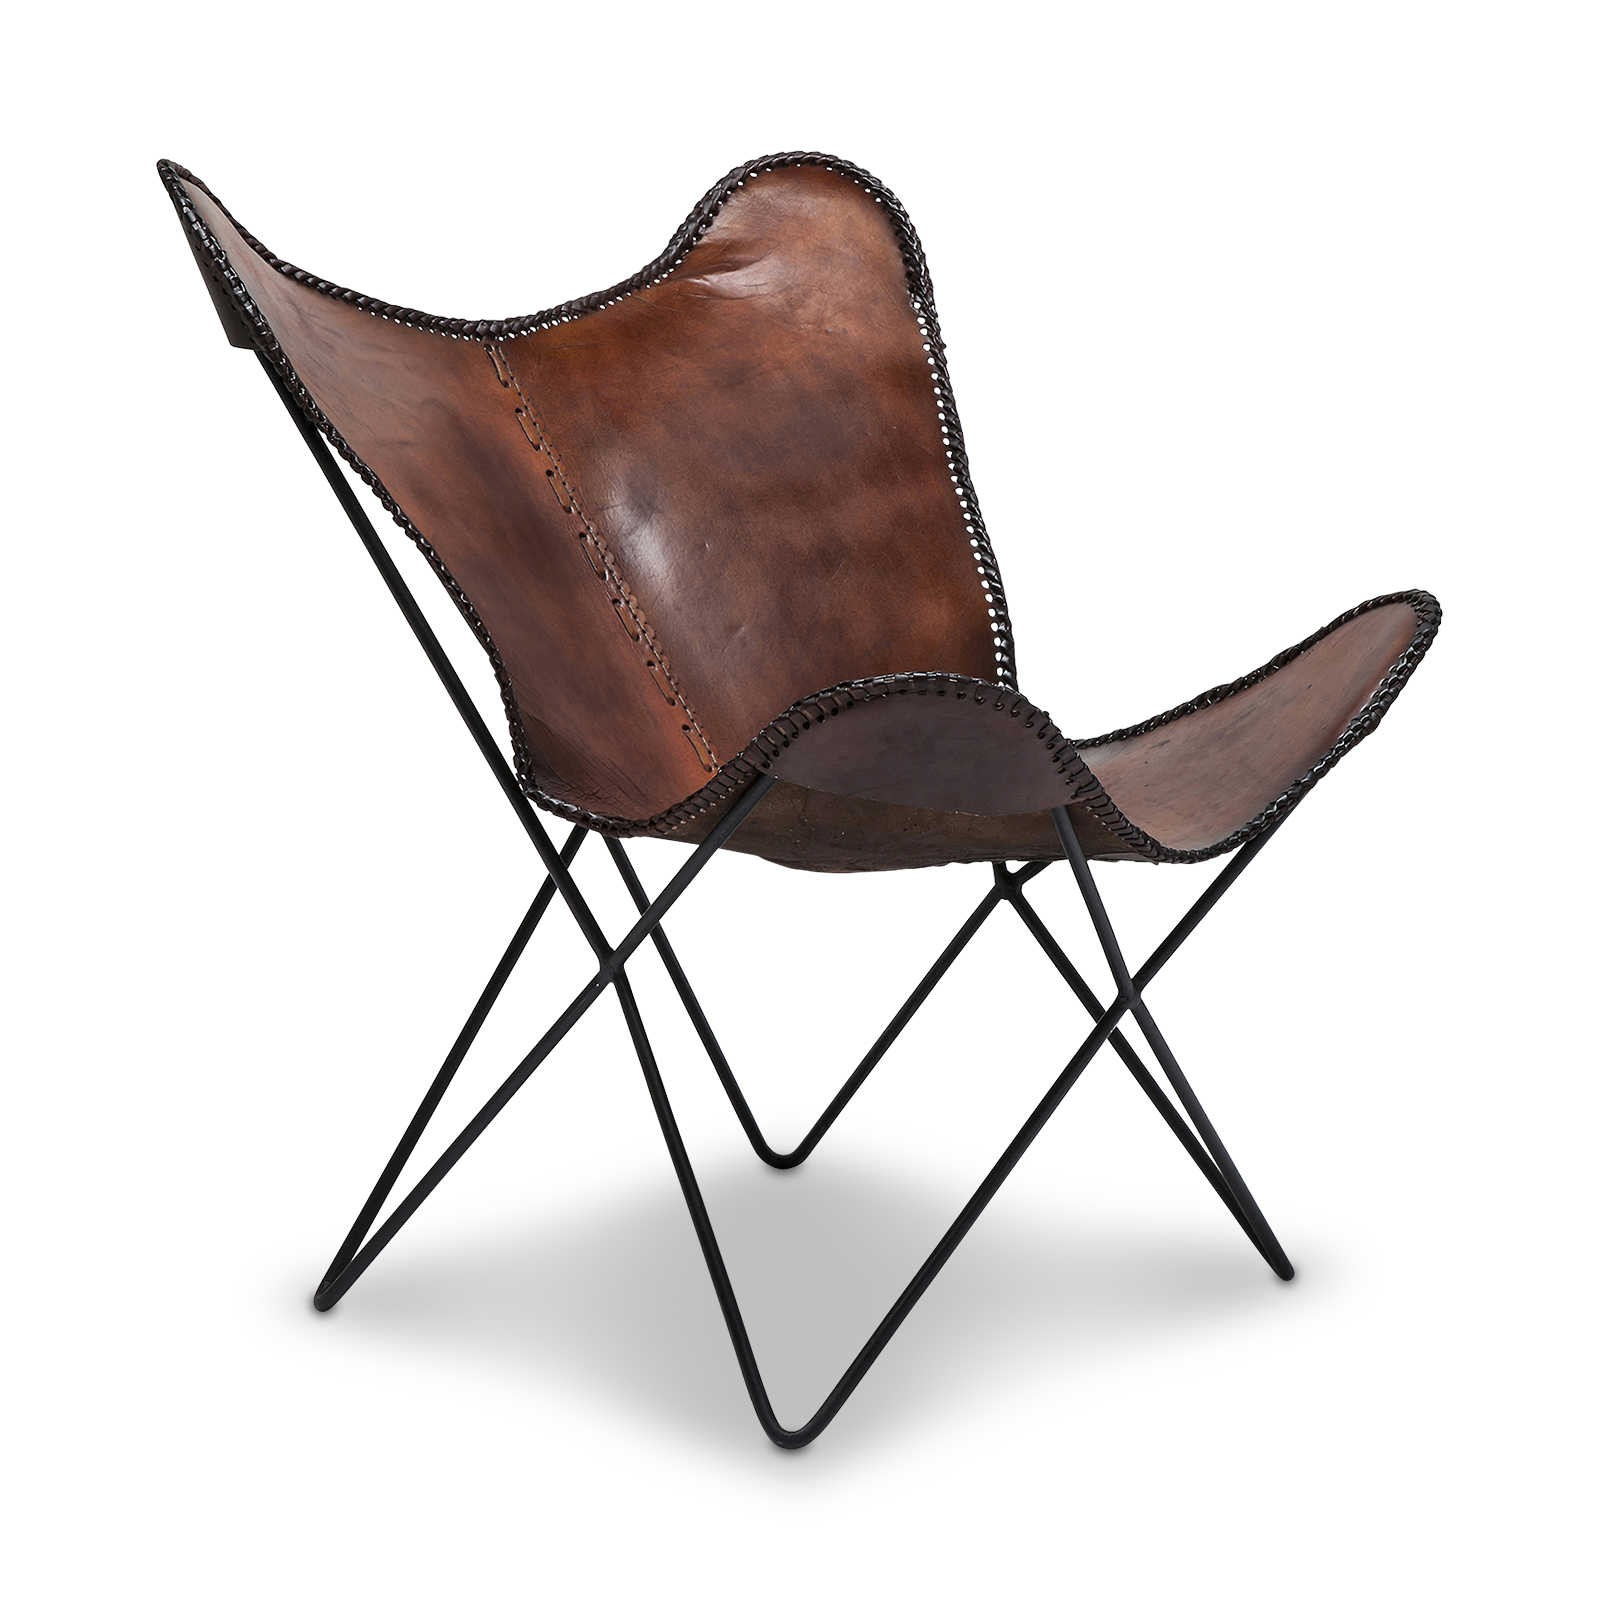 KARE Sessel Butterfly Braun Leder online kaufen bei WOONIO